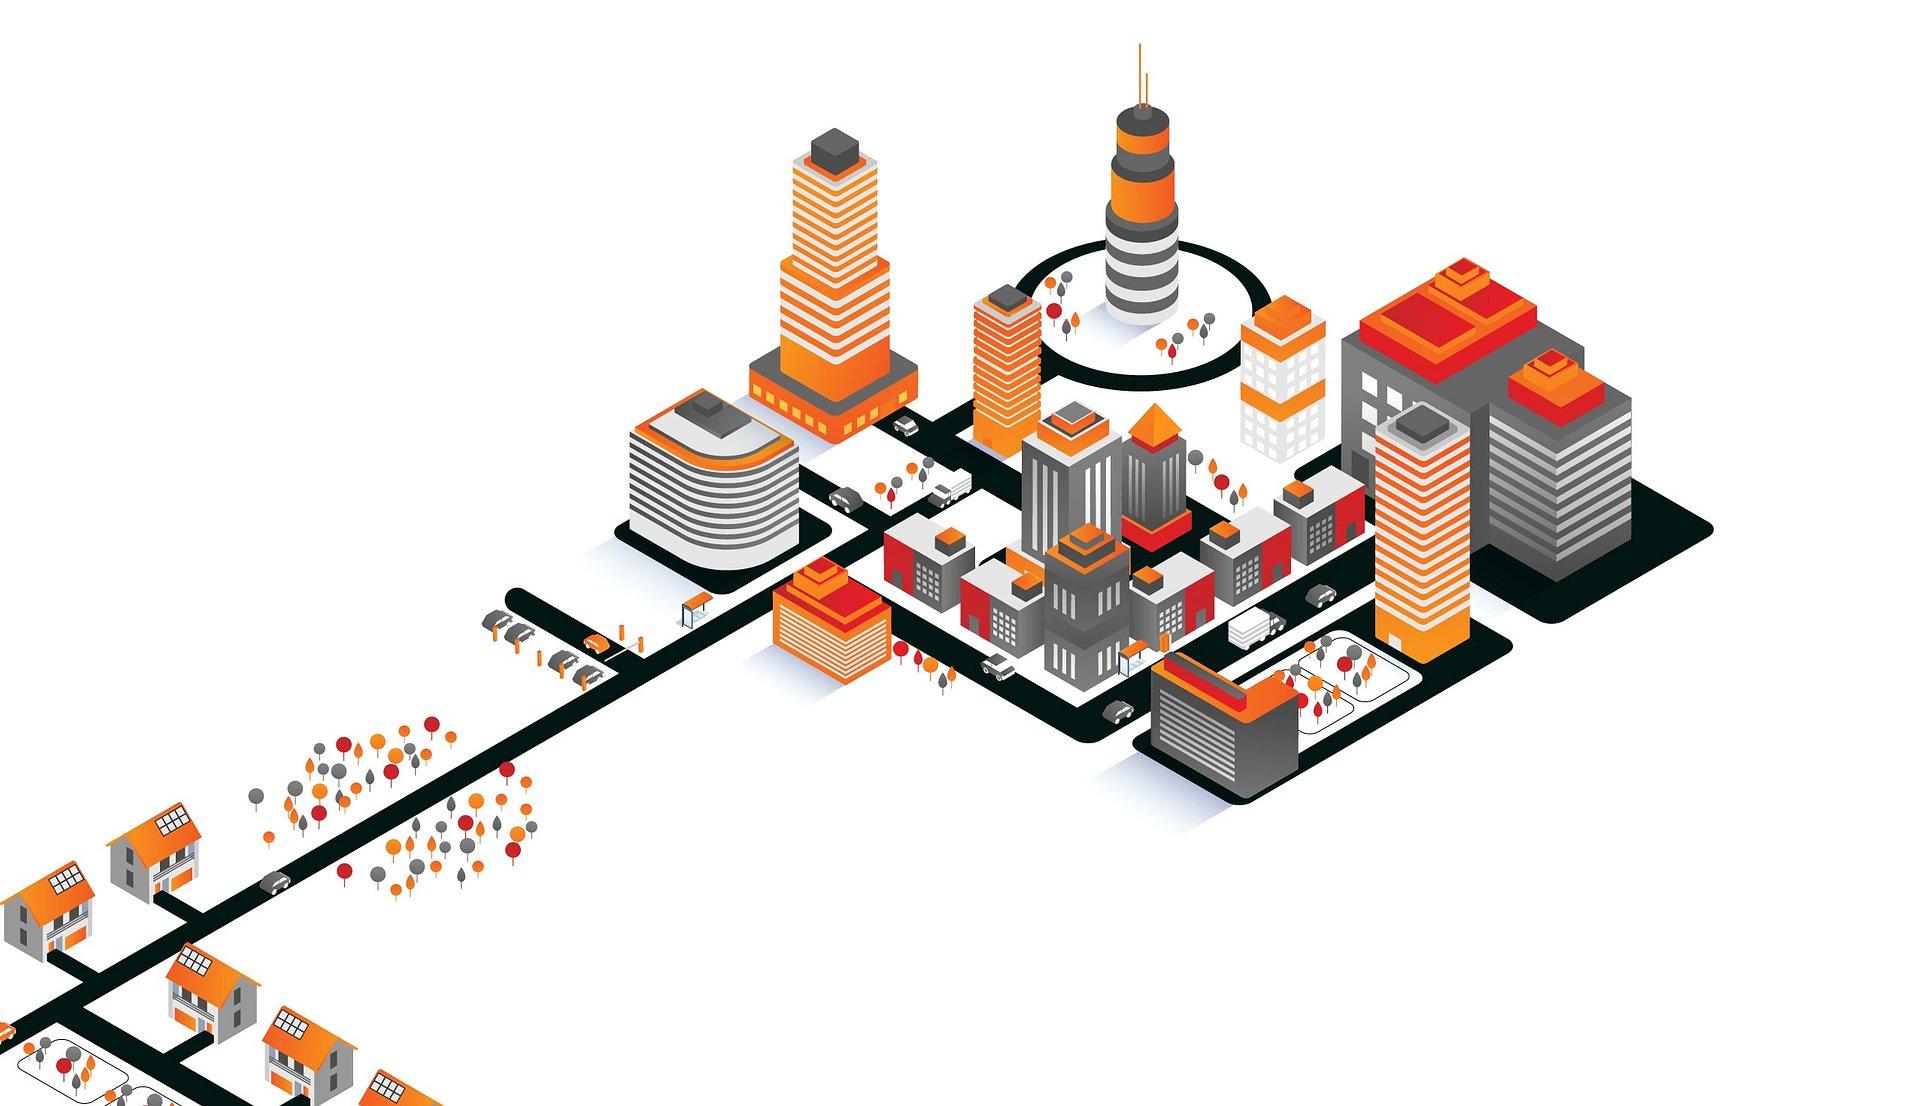 Życie w mieście – jak radzić sobie z korkami i zanieczyszczeniem?